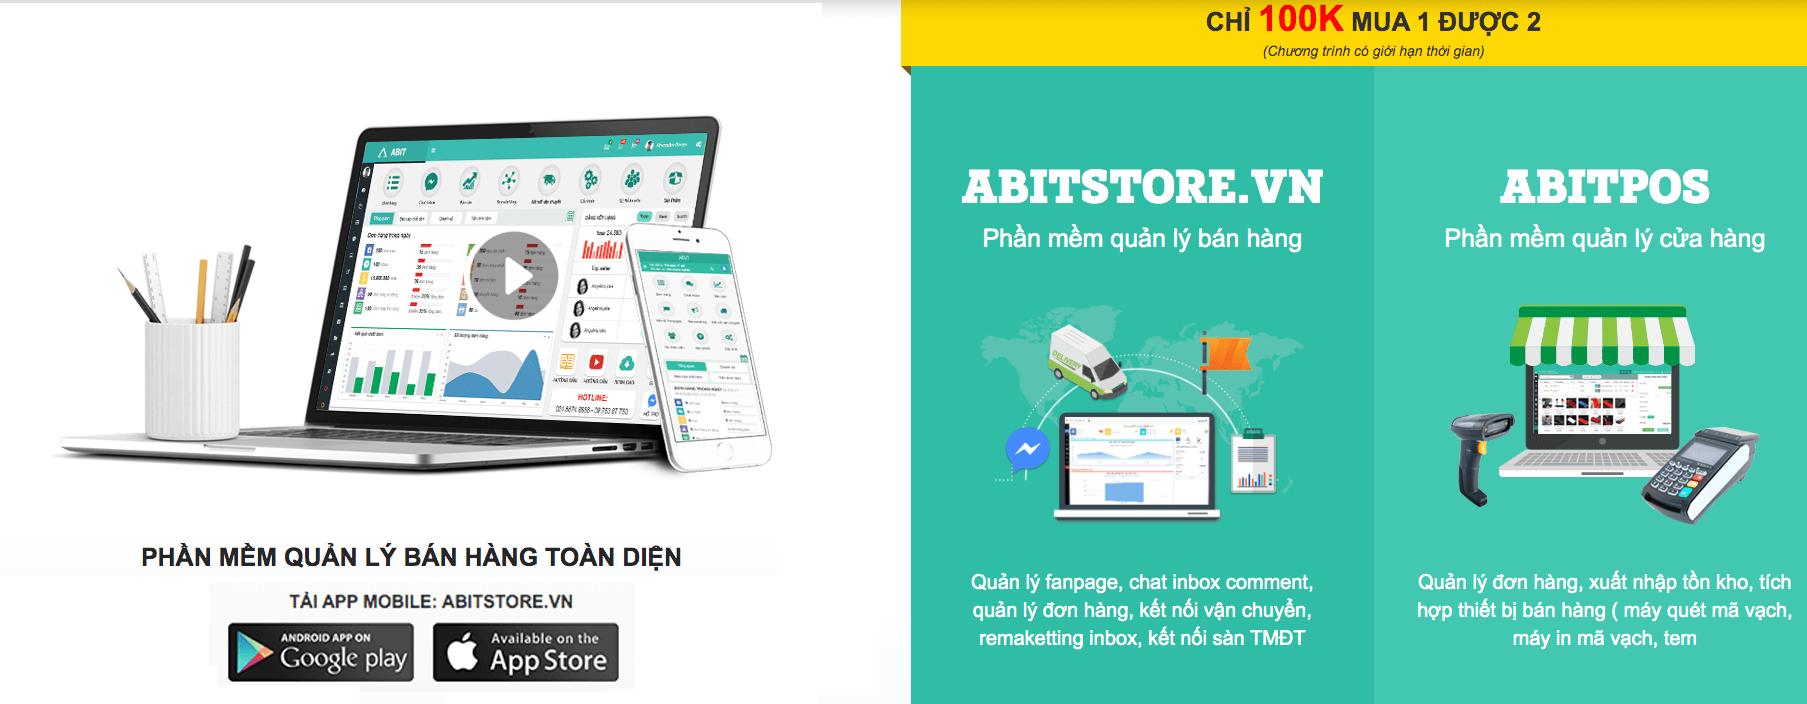 Phần mềm quản lý bán hàng online tốt nhất